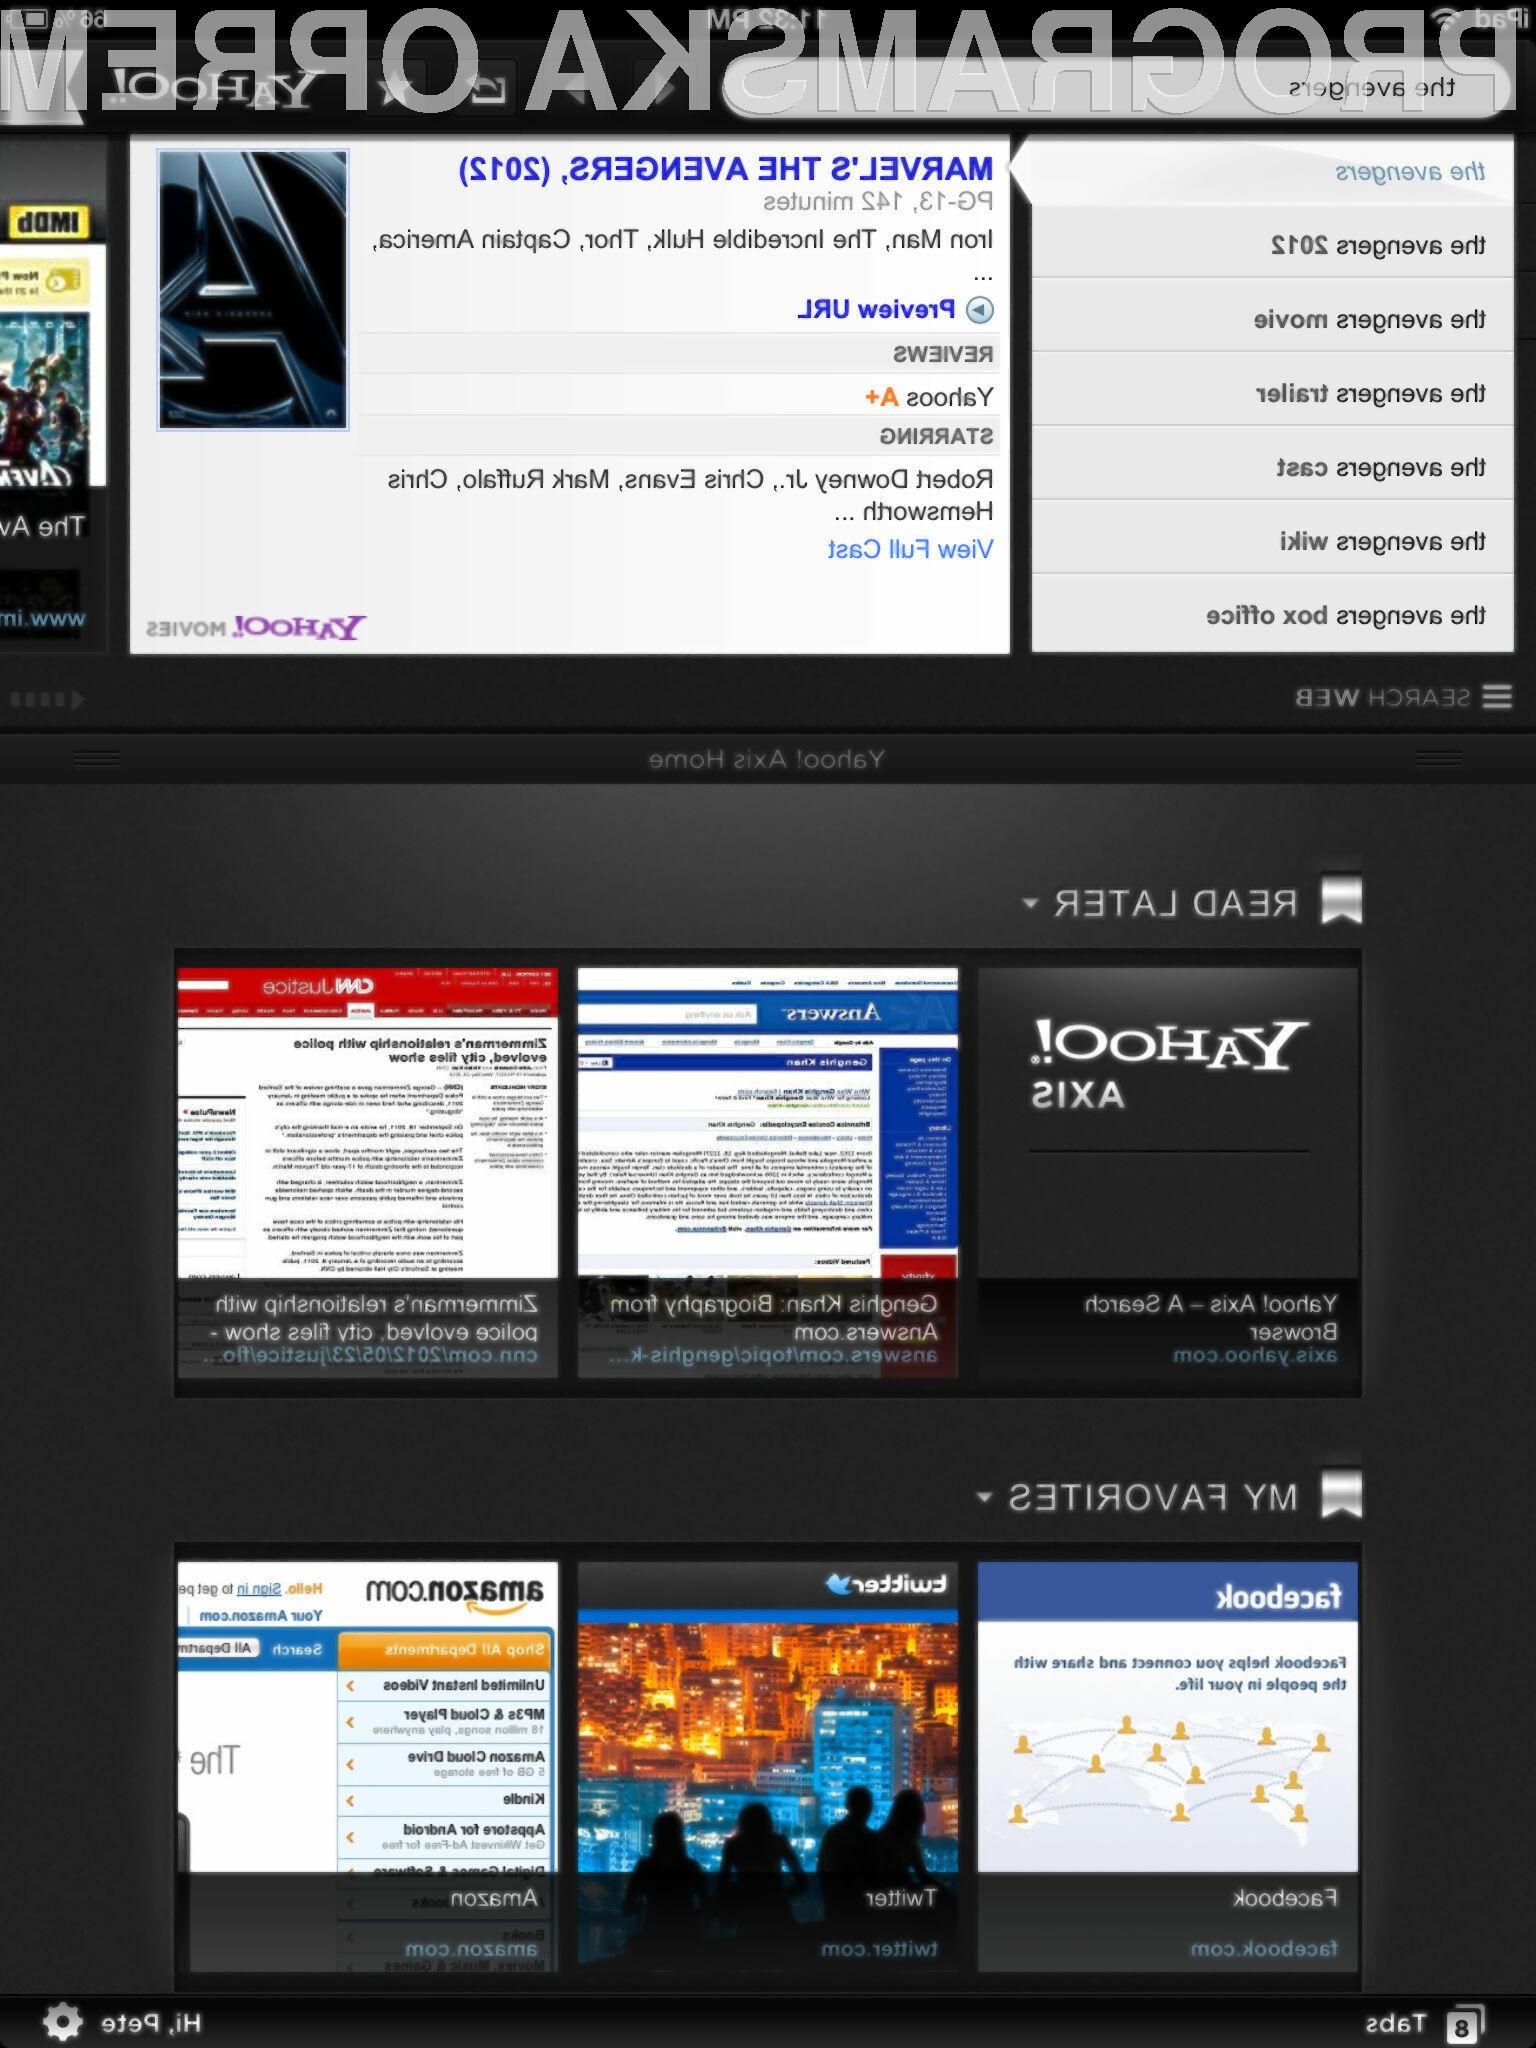 Yahoojev Axis spreminja način brskanja, ki smo ga poznali do sedaj.